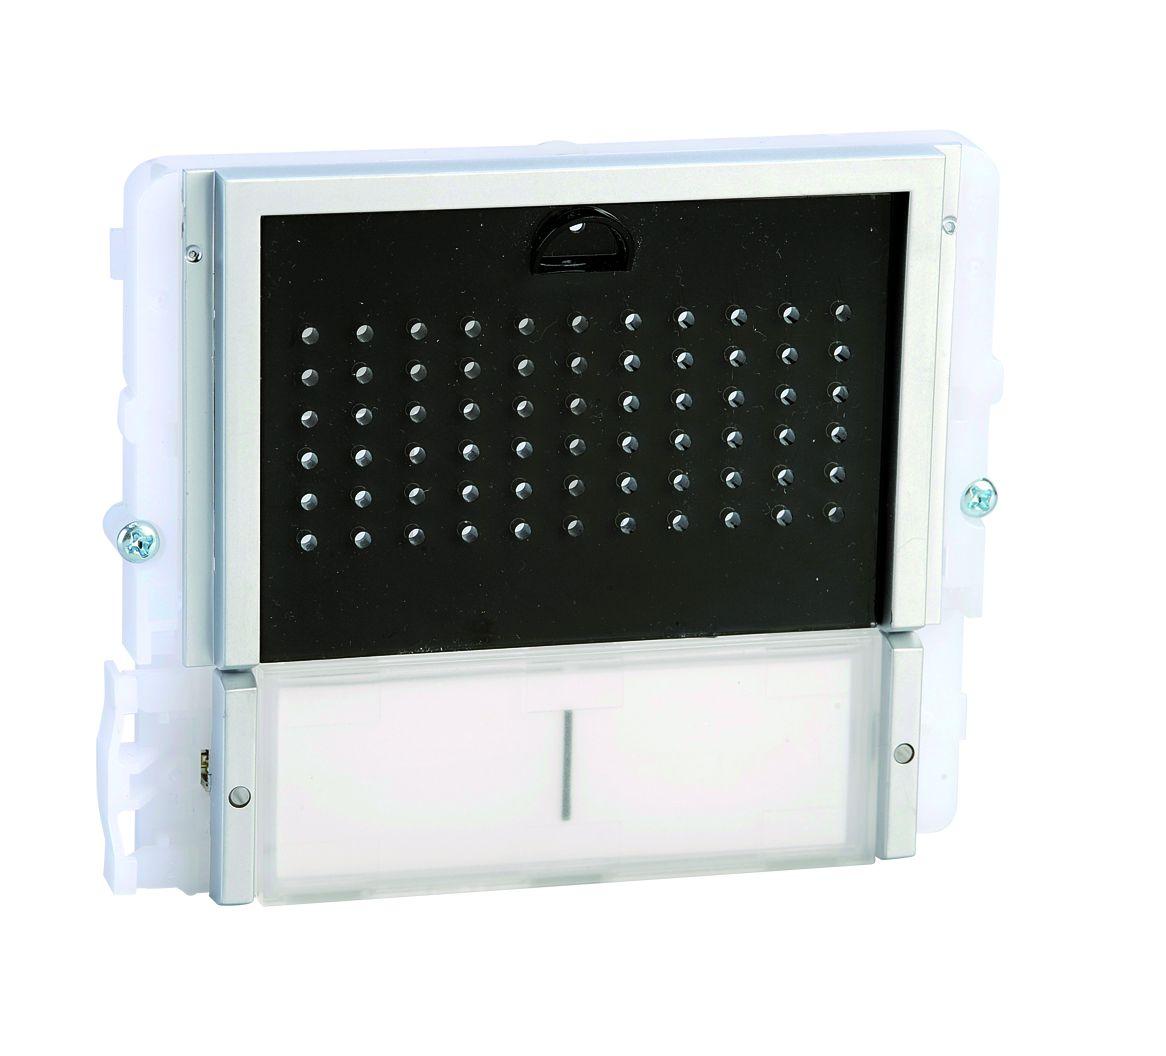 1 Stk Audiofrontmodul mit 2 Tasten IKALL schwarz SP33402S--